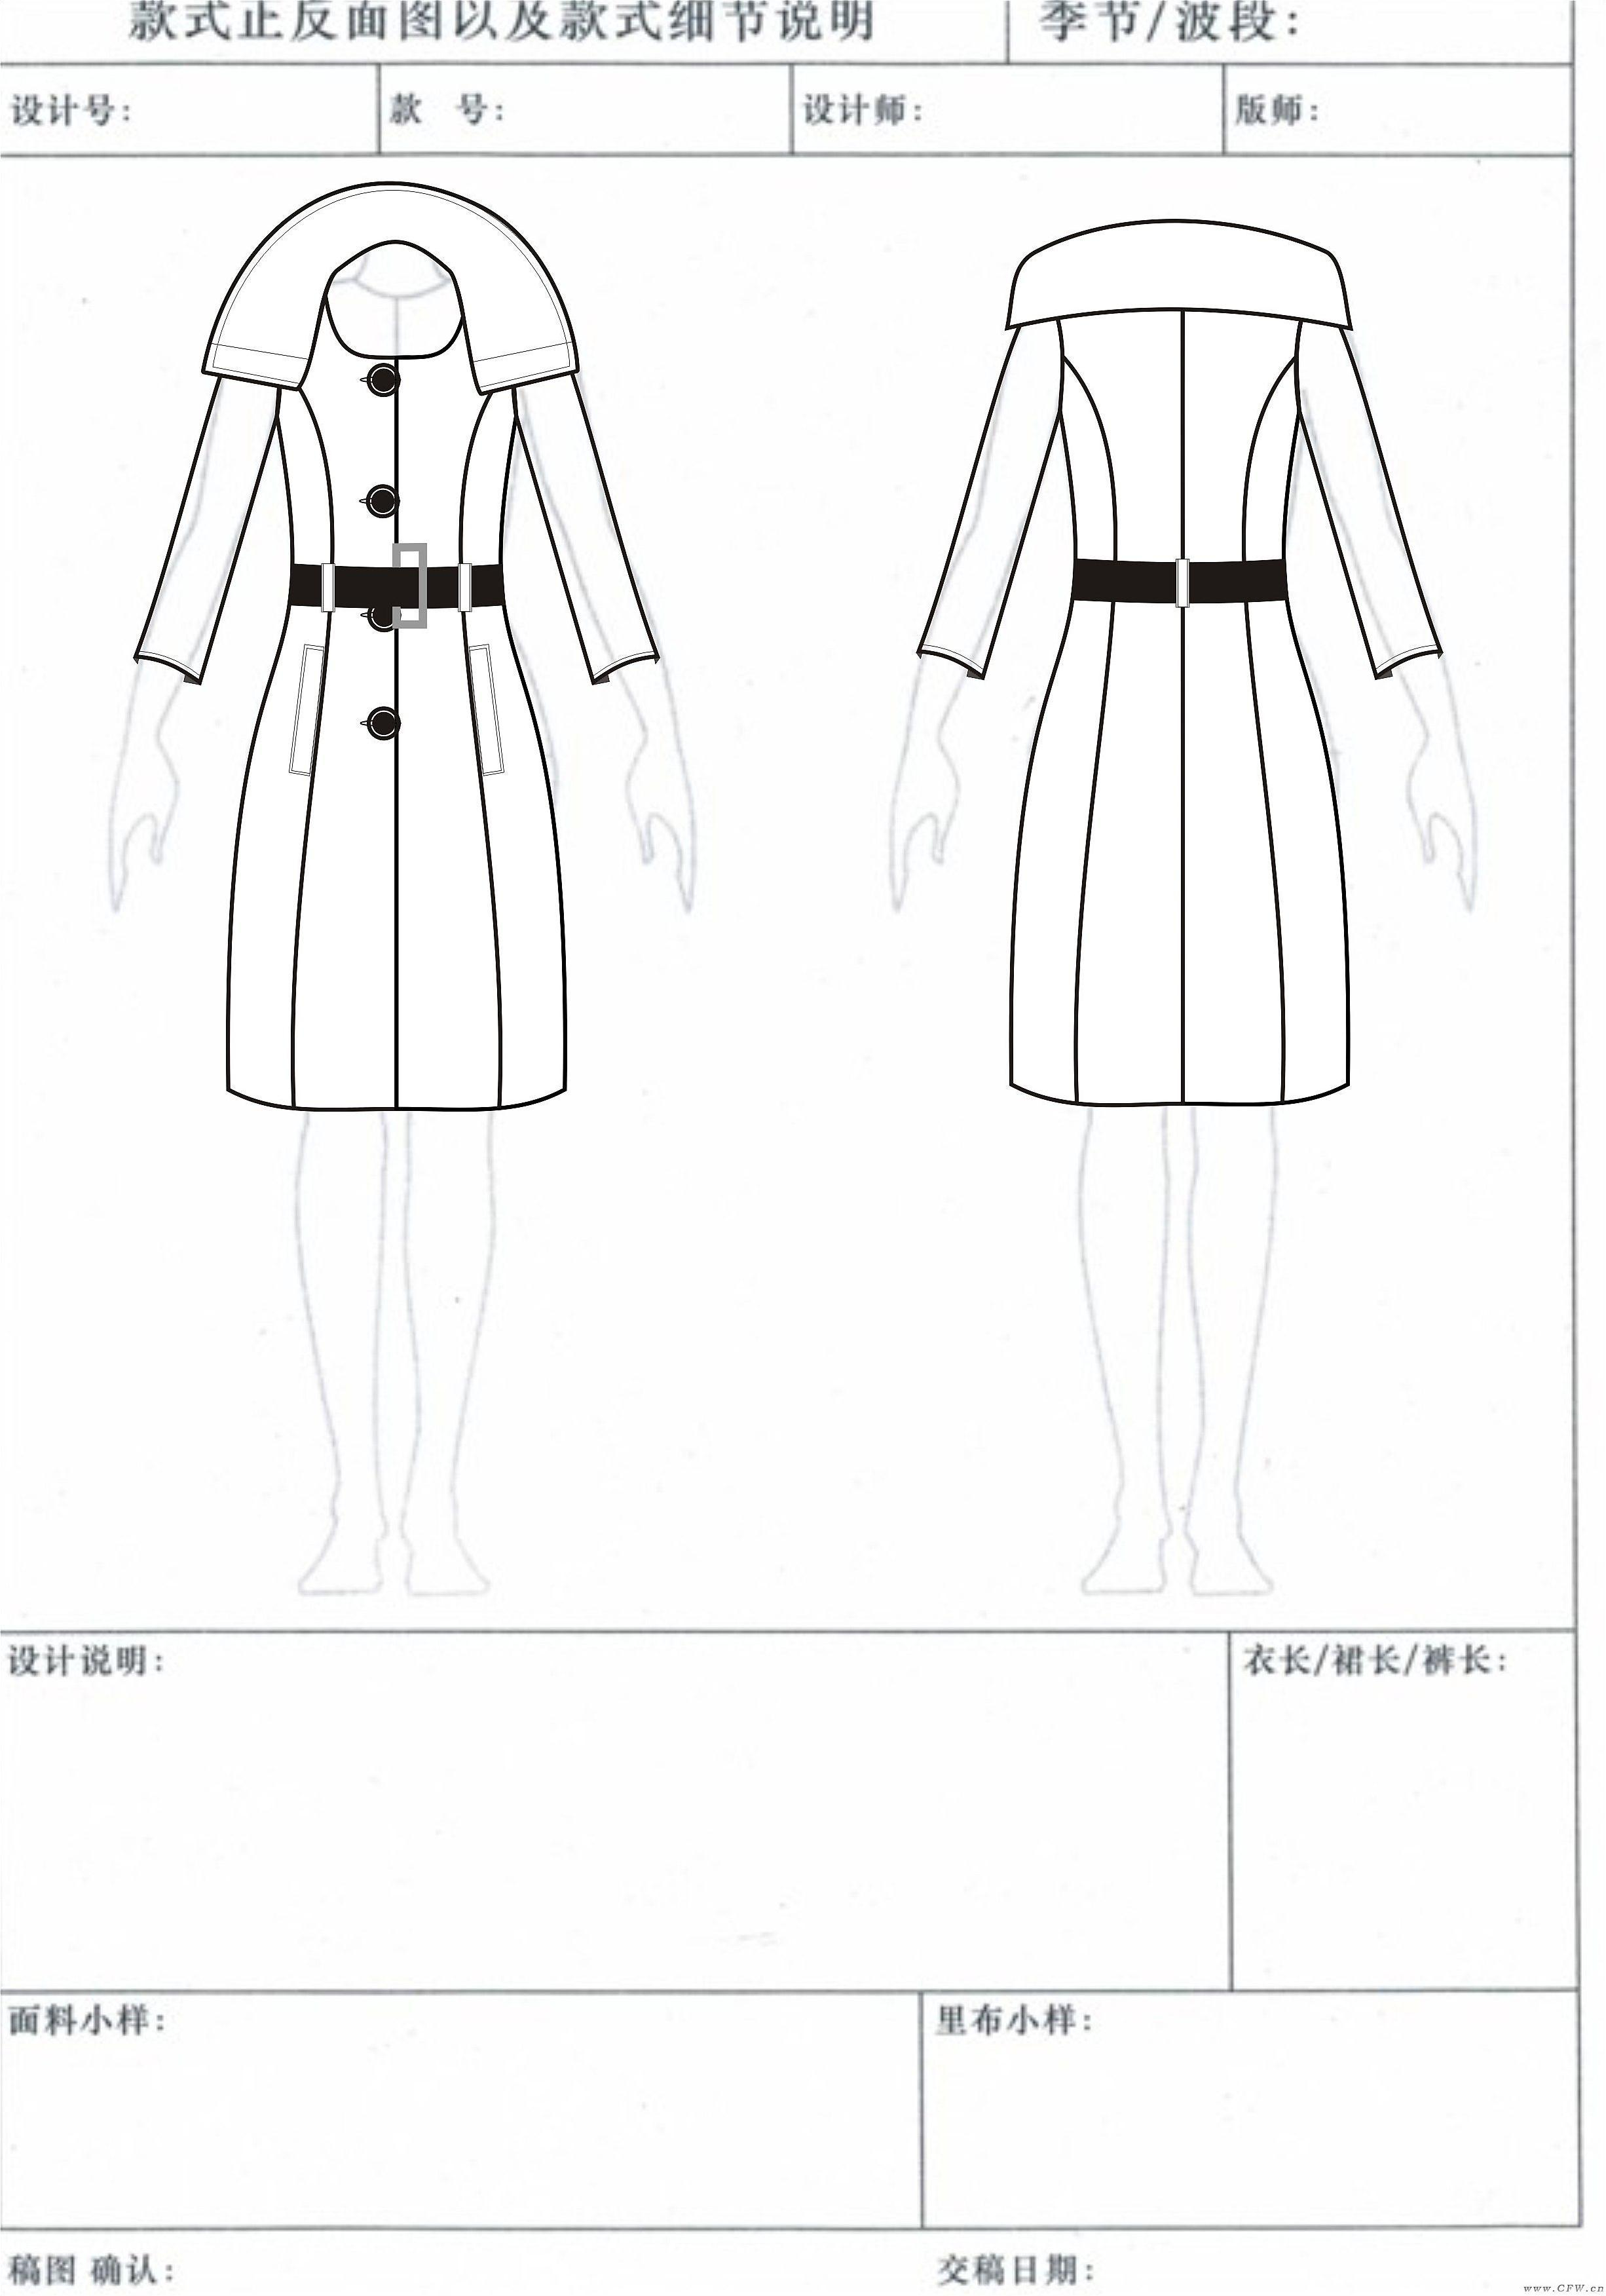 冬外套-女装设计-服装设计